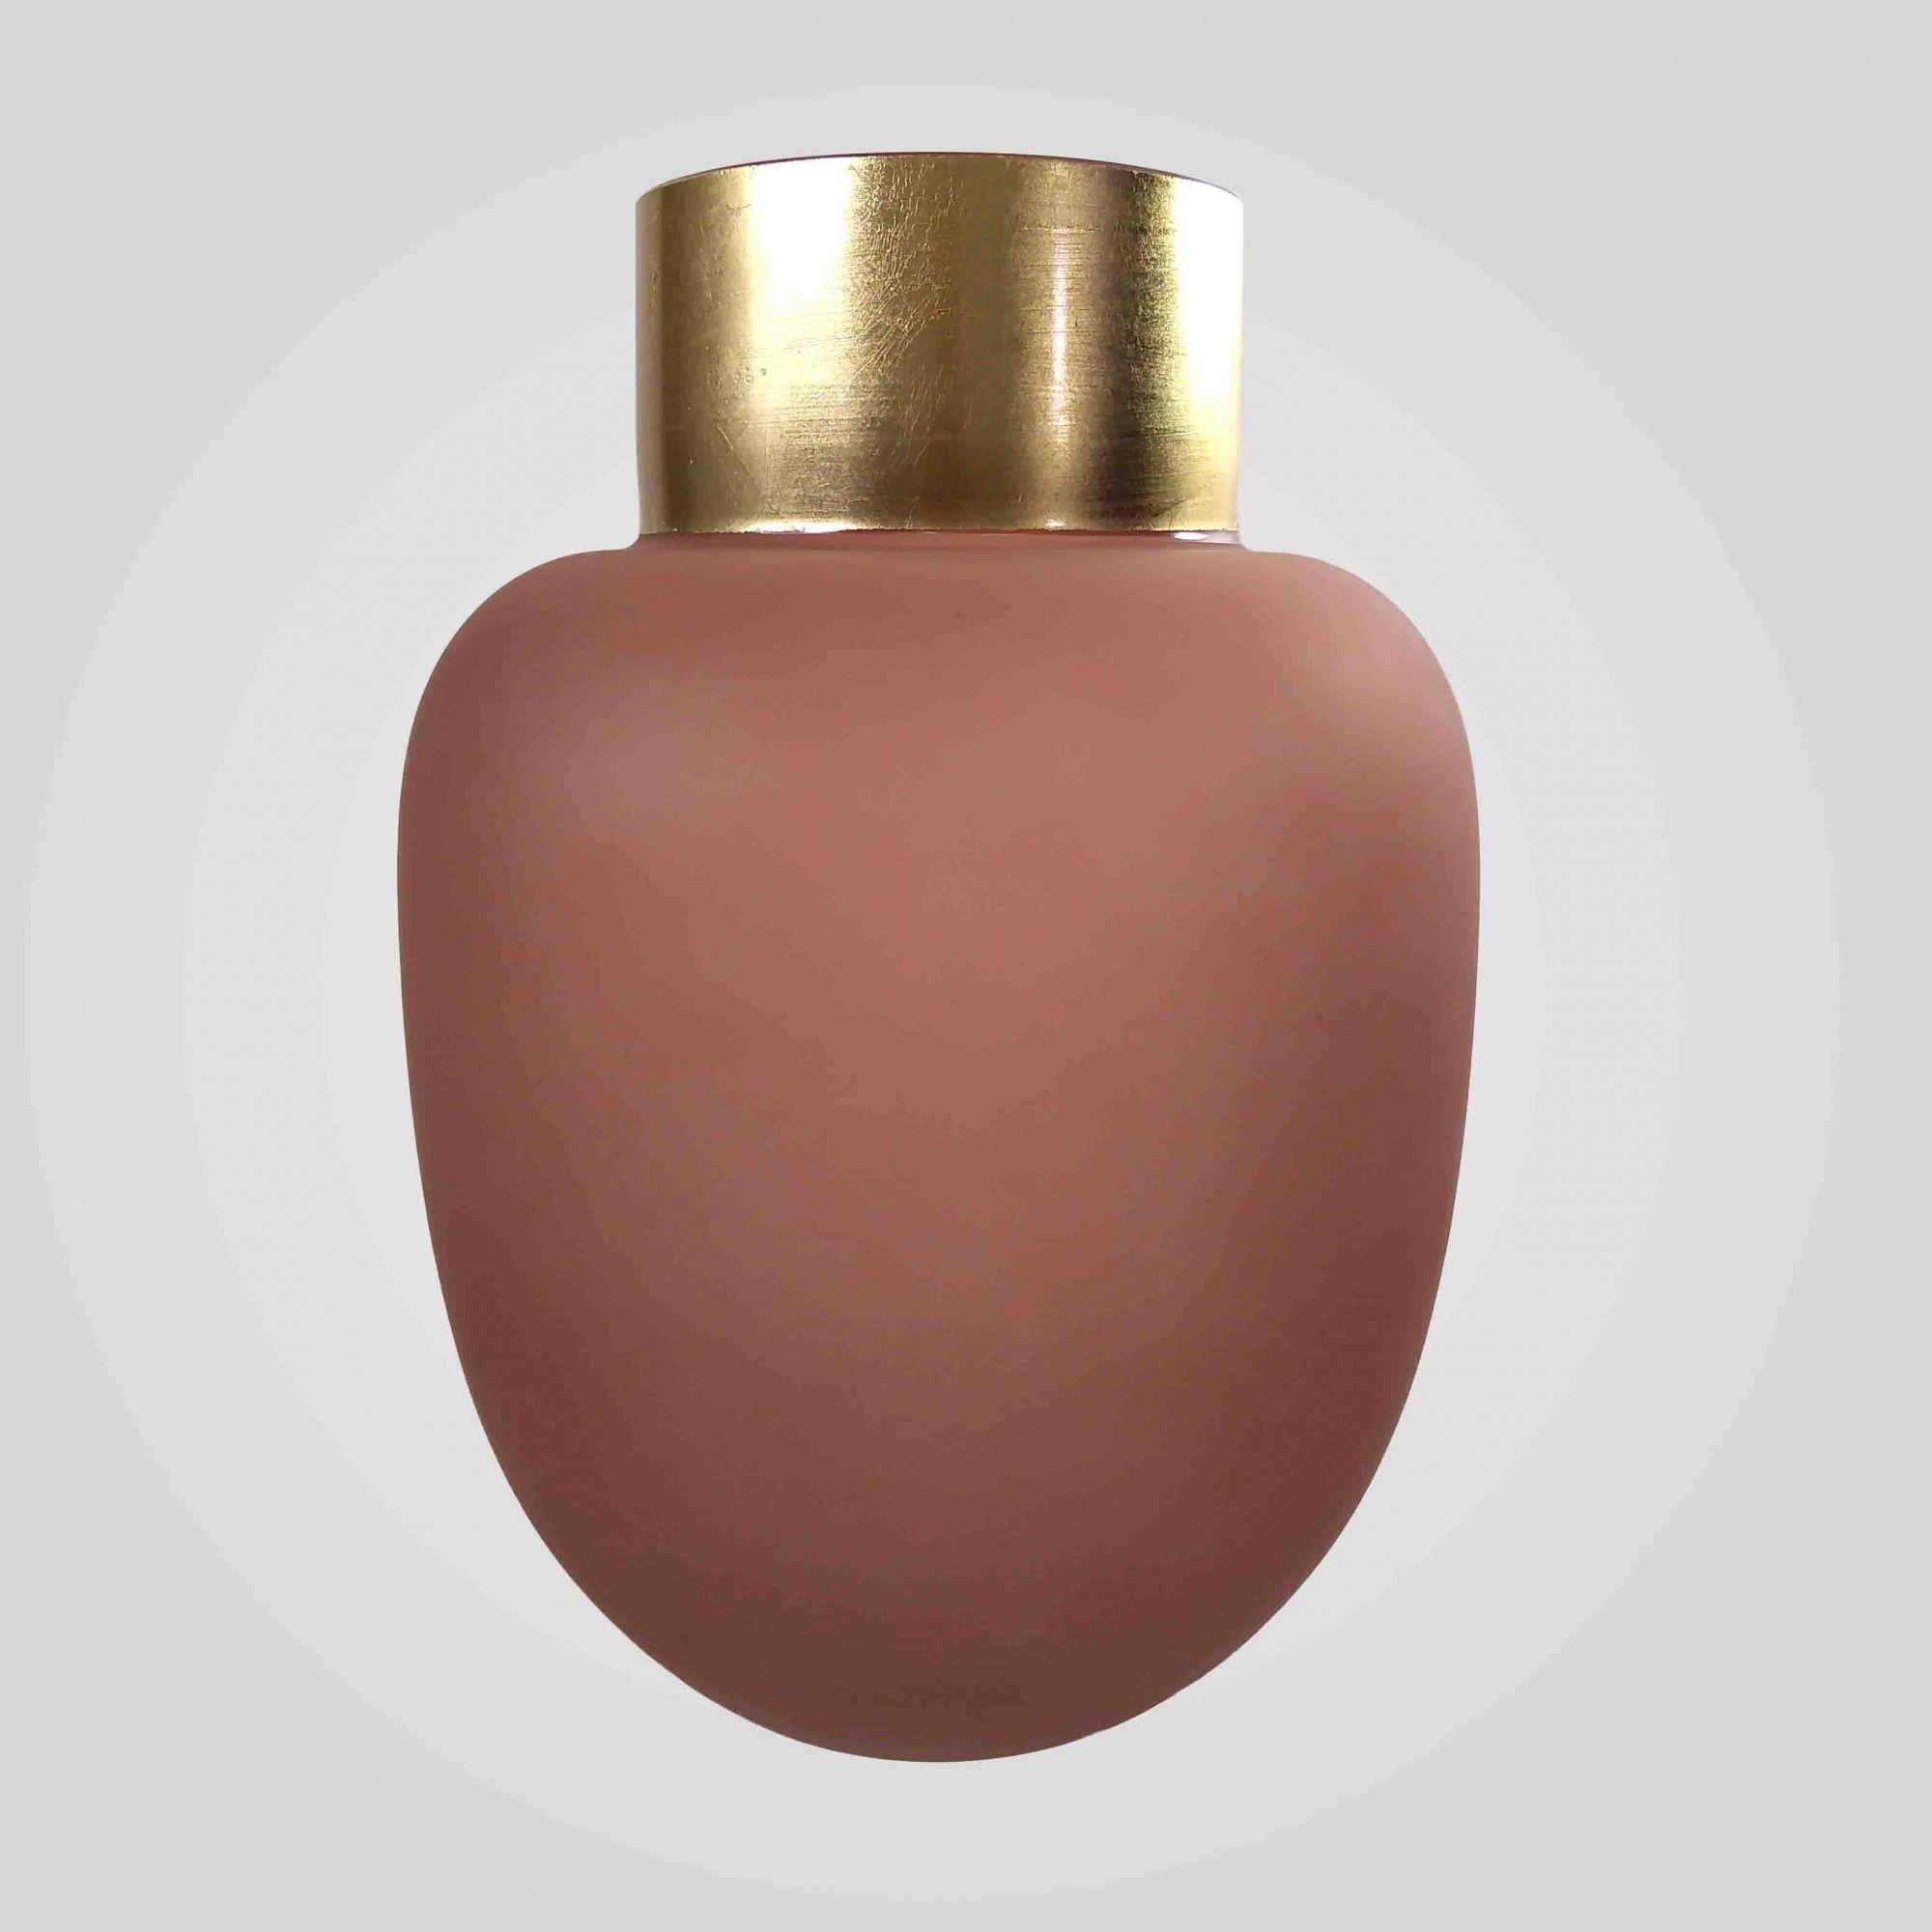 Vaso Decorativo Em Vidro Rosa Detalhe Dourado 22X30CM 9011 Mart Collection